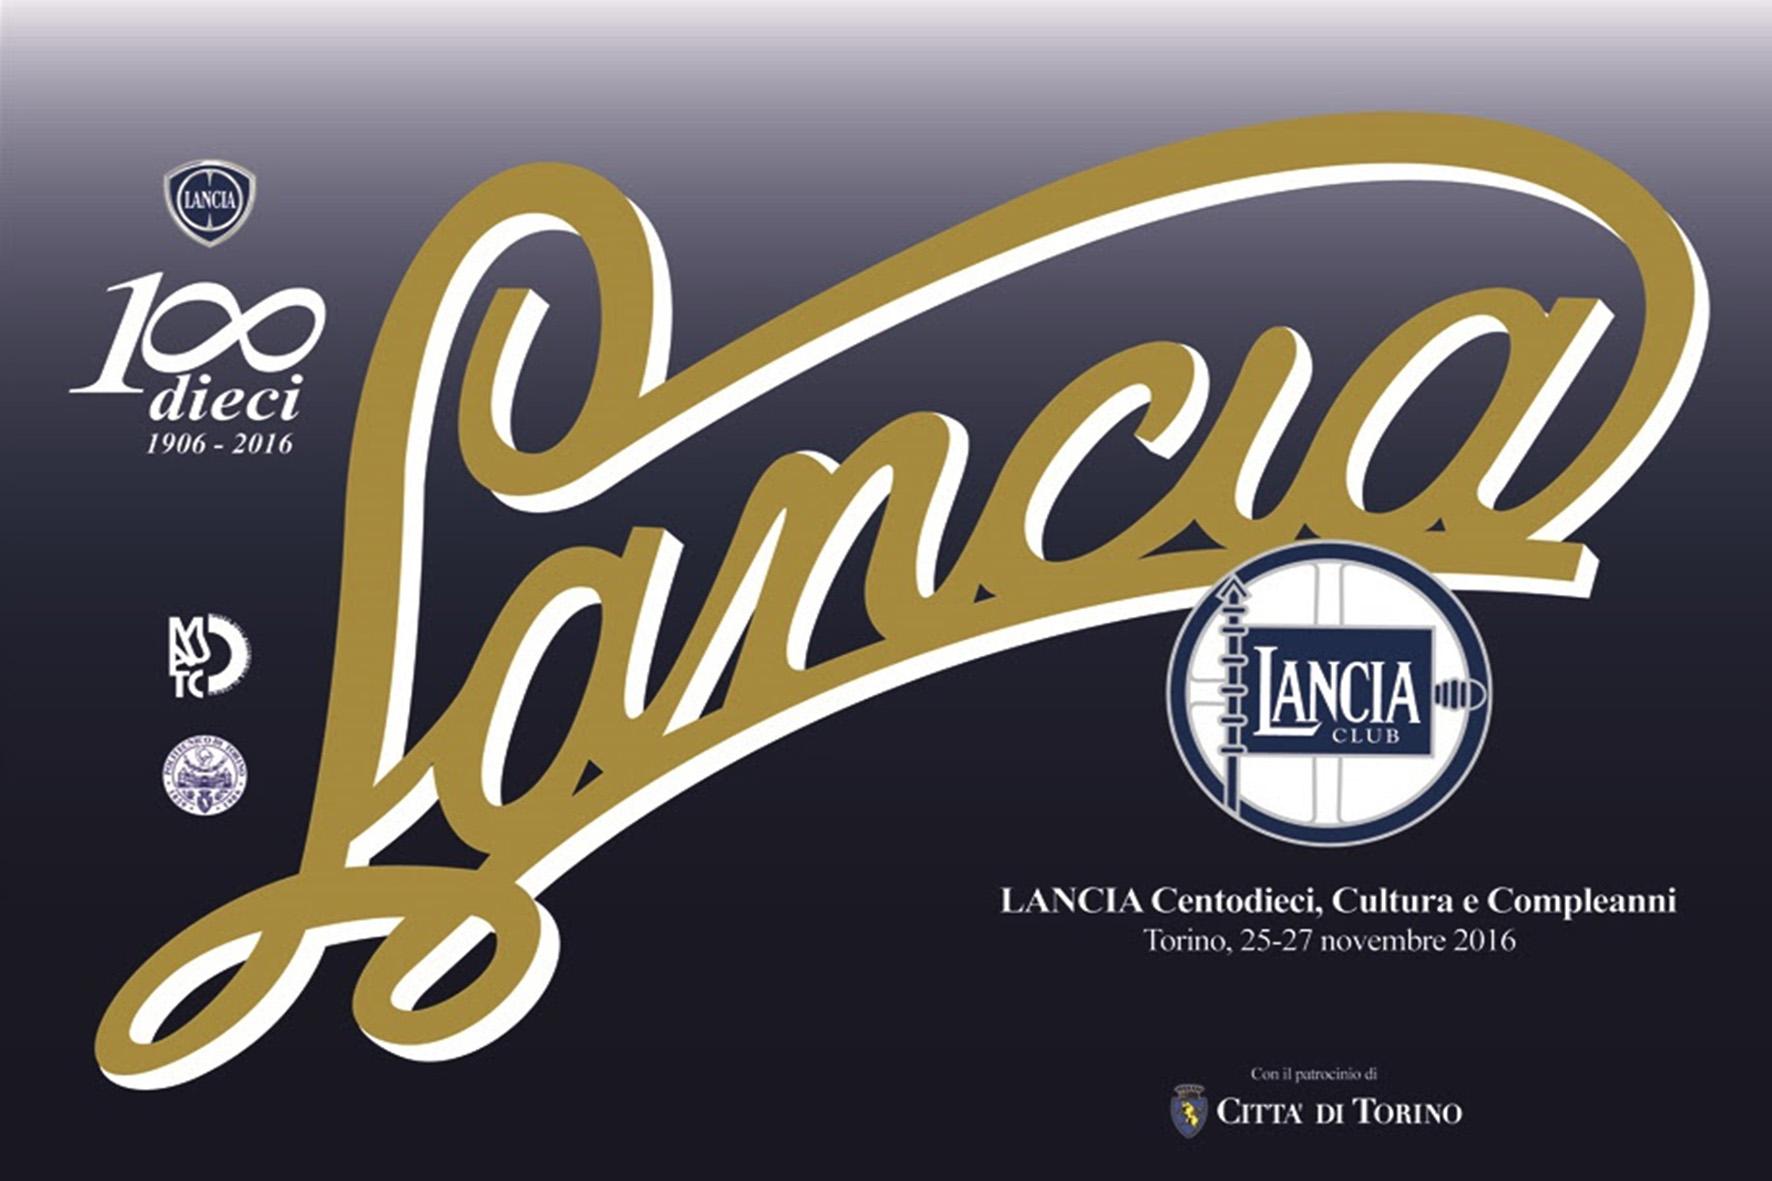 'LANCIA Centodieci, Cultura e Compleanni' © LanciaClub-FCA/MAUTO